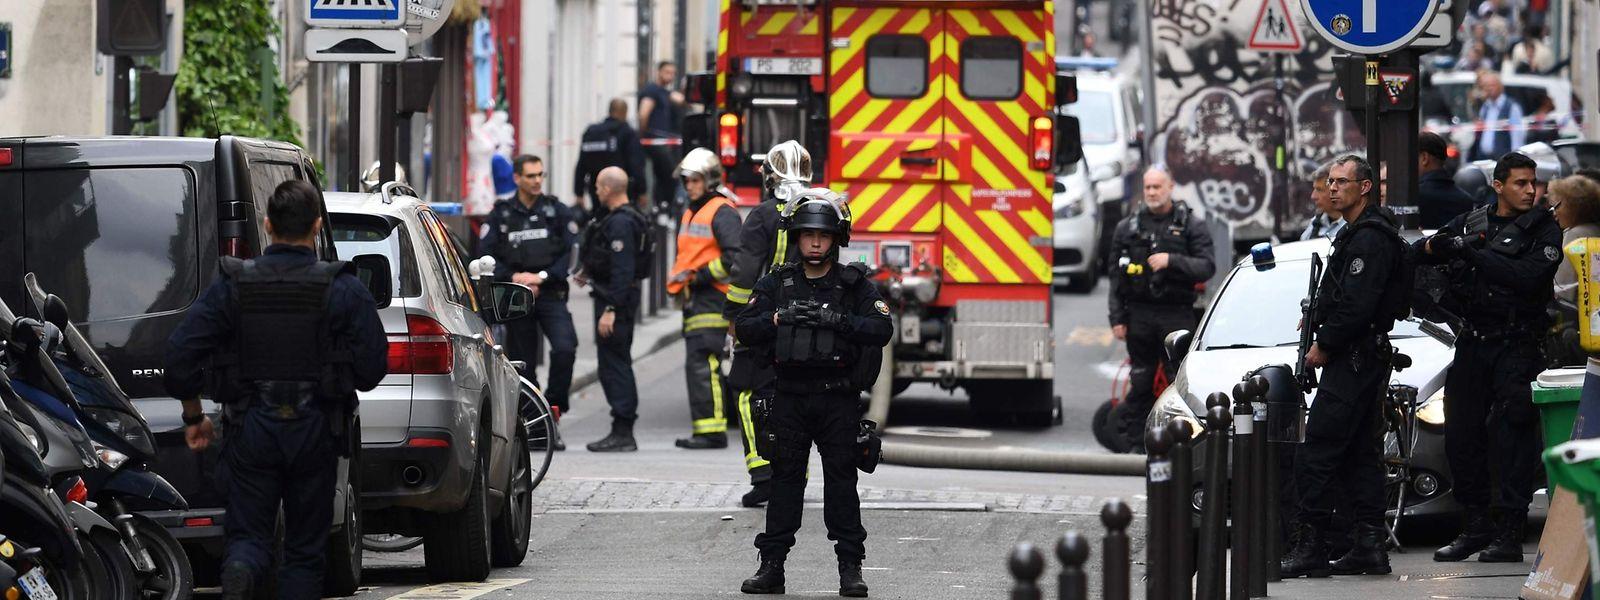 Am Tatort war ein größeres Polizeiaufgebot zu beobachten.